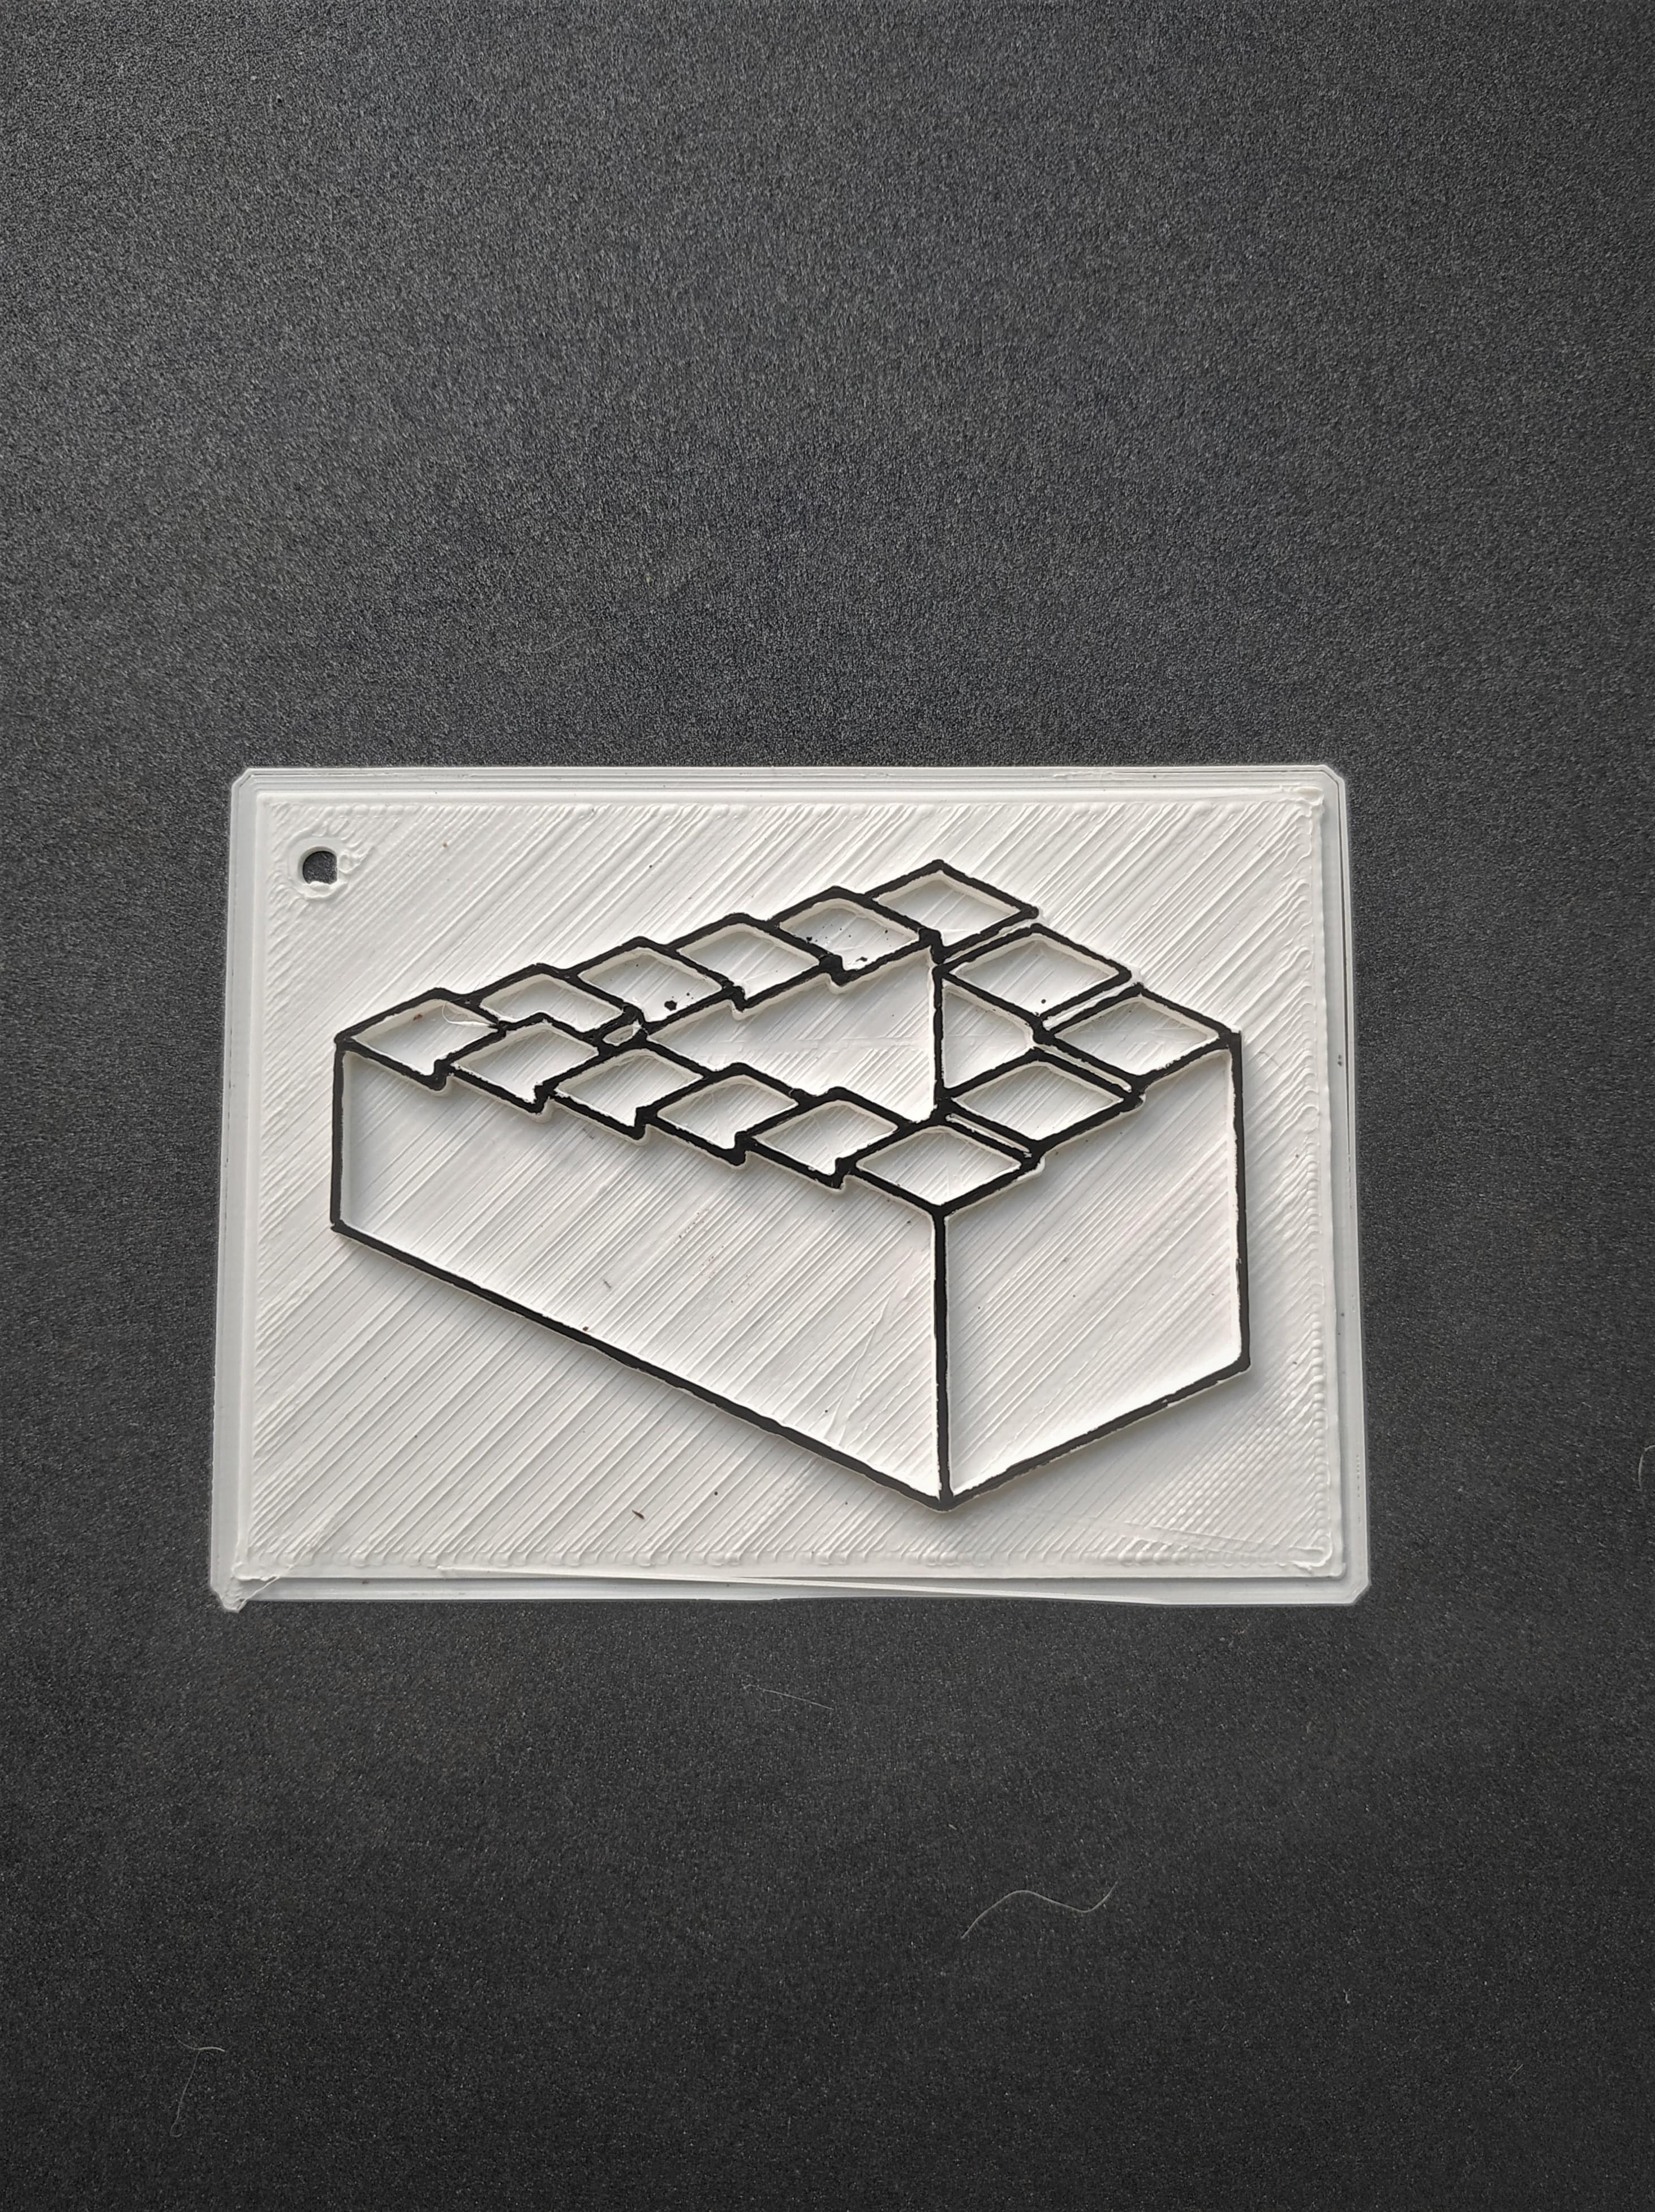 67929060_2139687826324469_2517815227412643840_n.jpg Télécharger fichier STL gratuit Illusion d'optique escalier • Plan pour imprimante 3D, motek